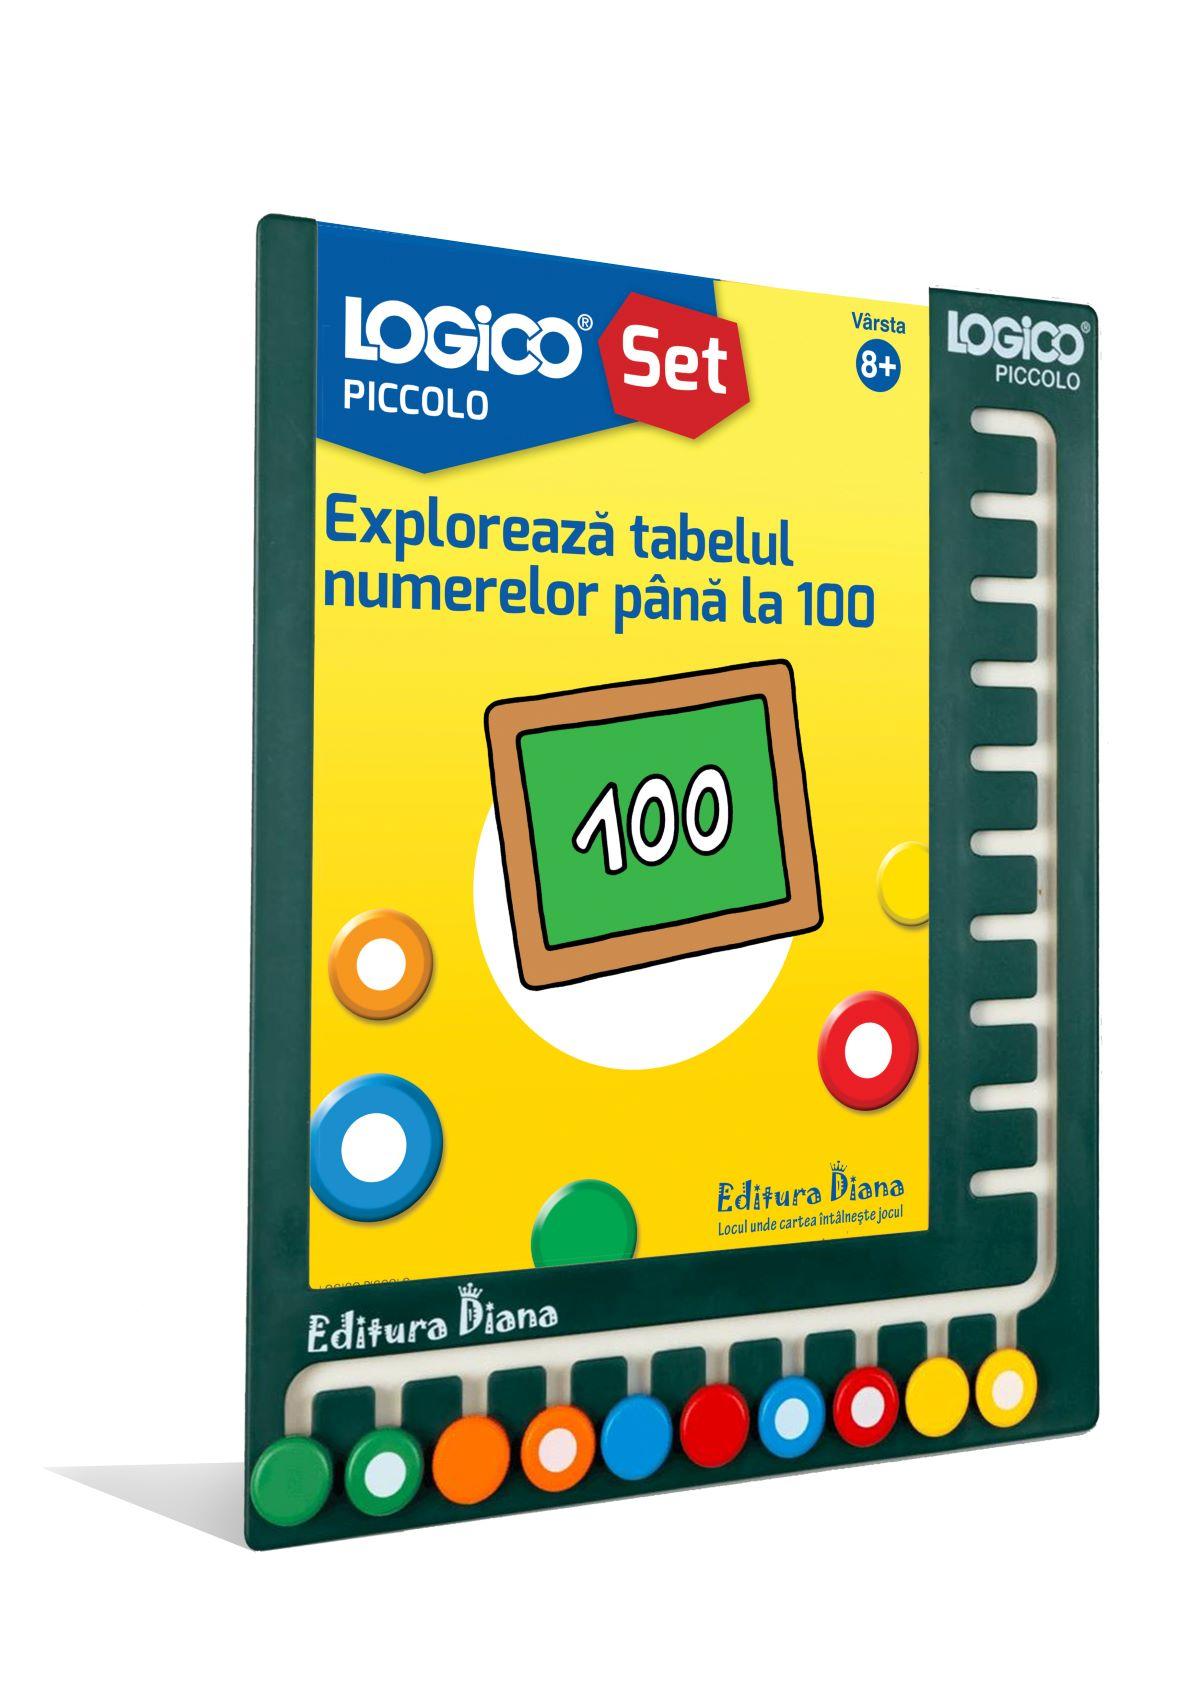 LOGICO PICCOLO - SET CU RAMĂ - Explorează tabelul numerelor până la 100 (8+) imagine edituradiana.ro